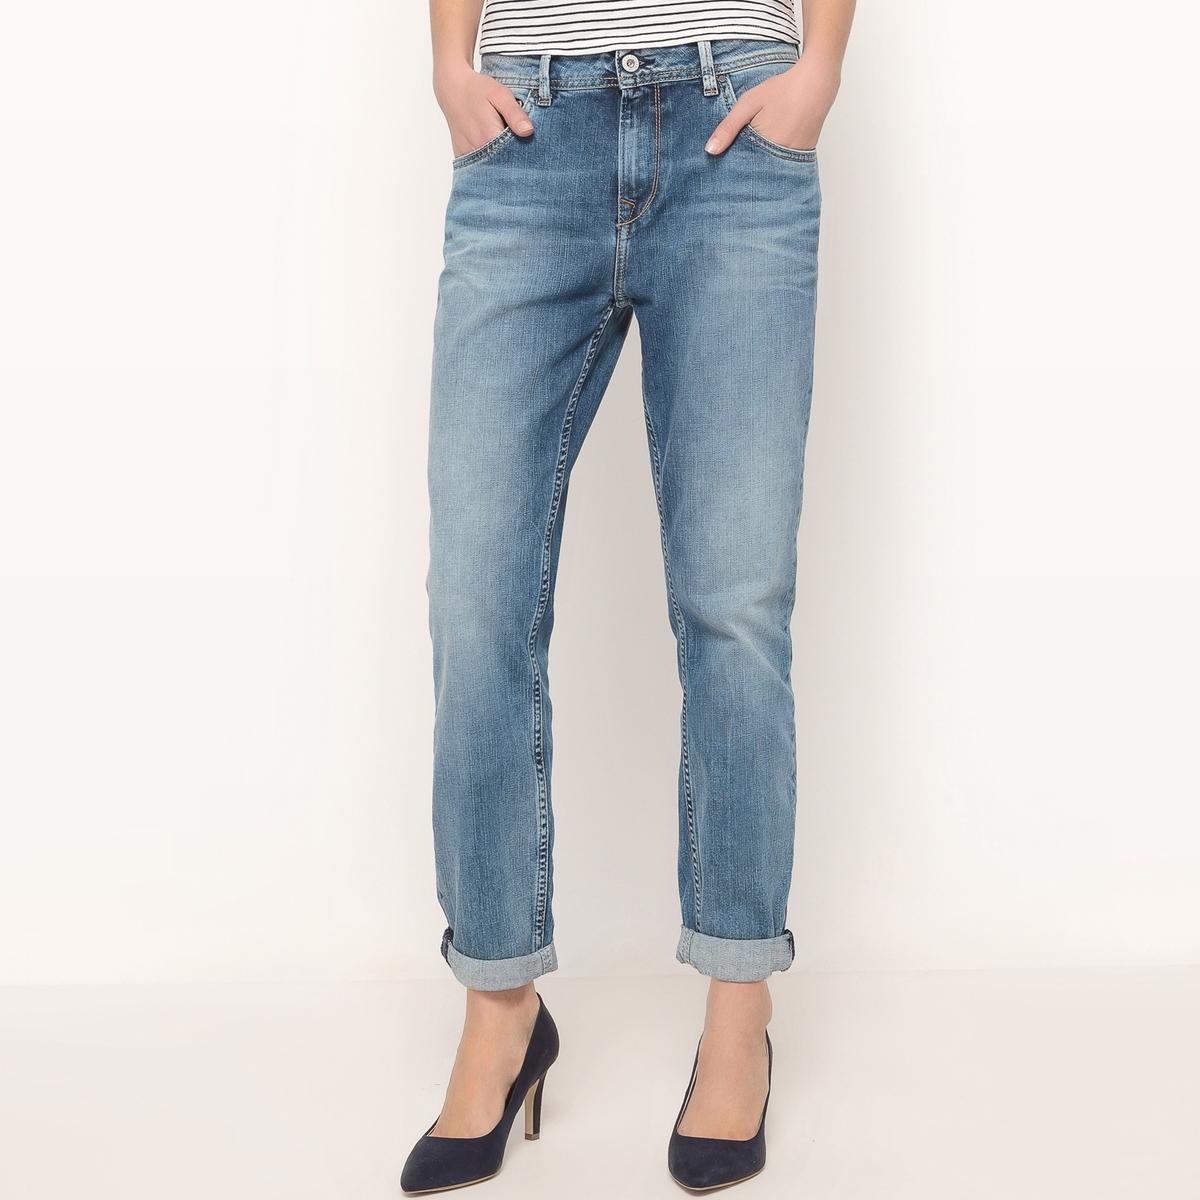 Джинсы бойфренд VAGABONDМатериал : 98% хлопка, 2% эластана         Высота пояса : стандартная        Покрой джинсов : бойфренд        Длина джинсов : длина 32<br><br>Цвет: синий потертый<br>Размер: 28 (US) длина 32